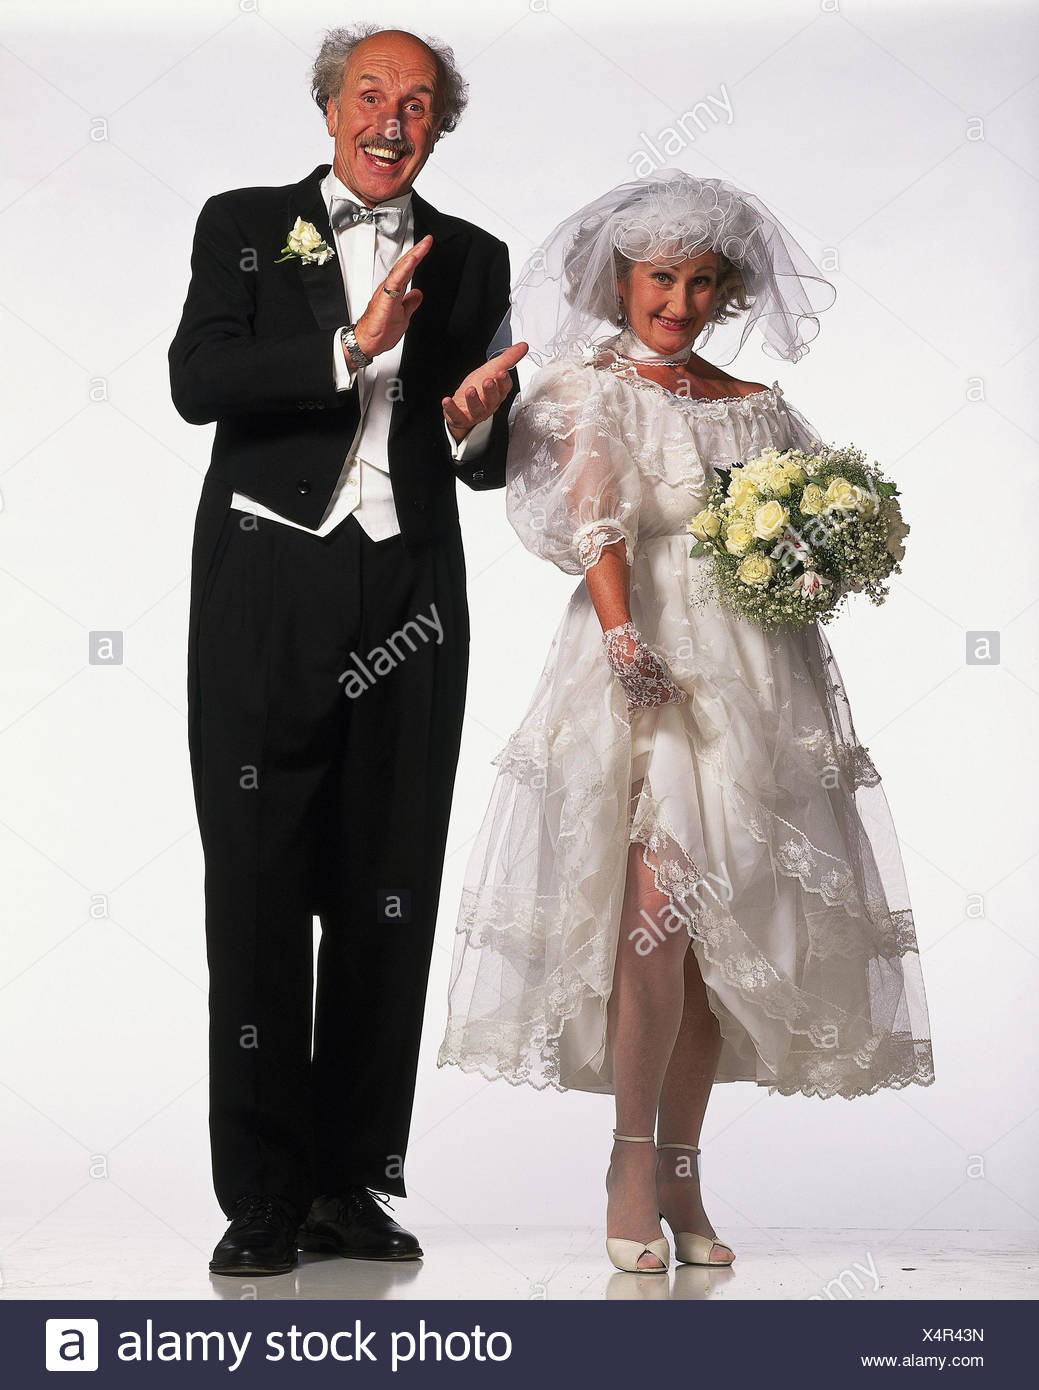 Ziemlich Brautkleider Für Senioren Ideen - Brautkleider Ideen ...